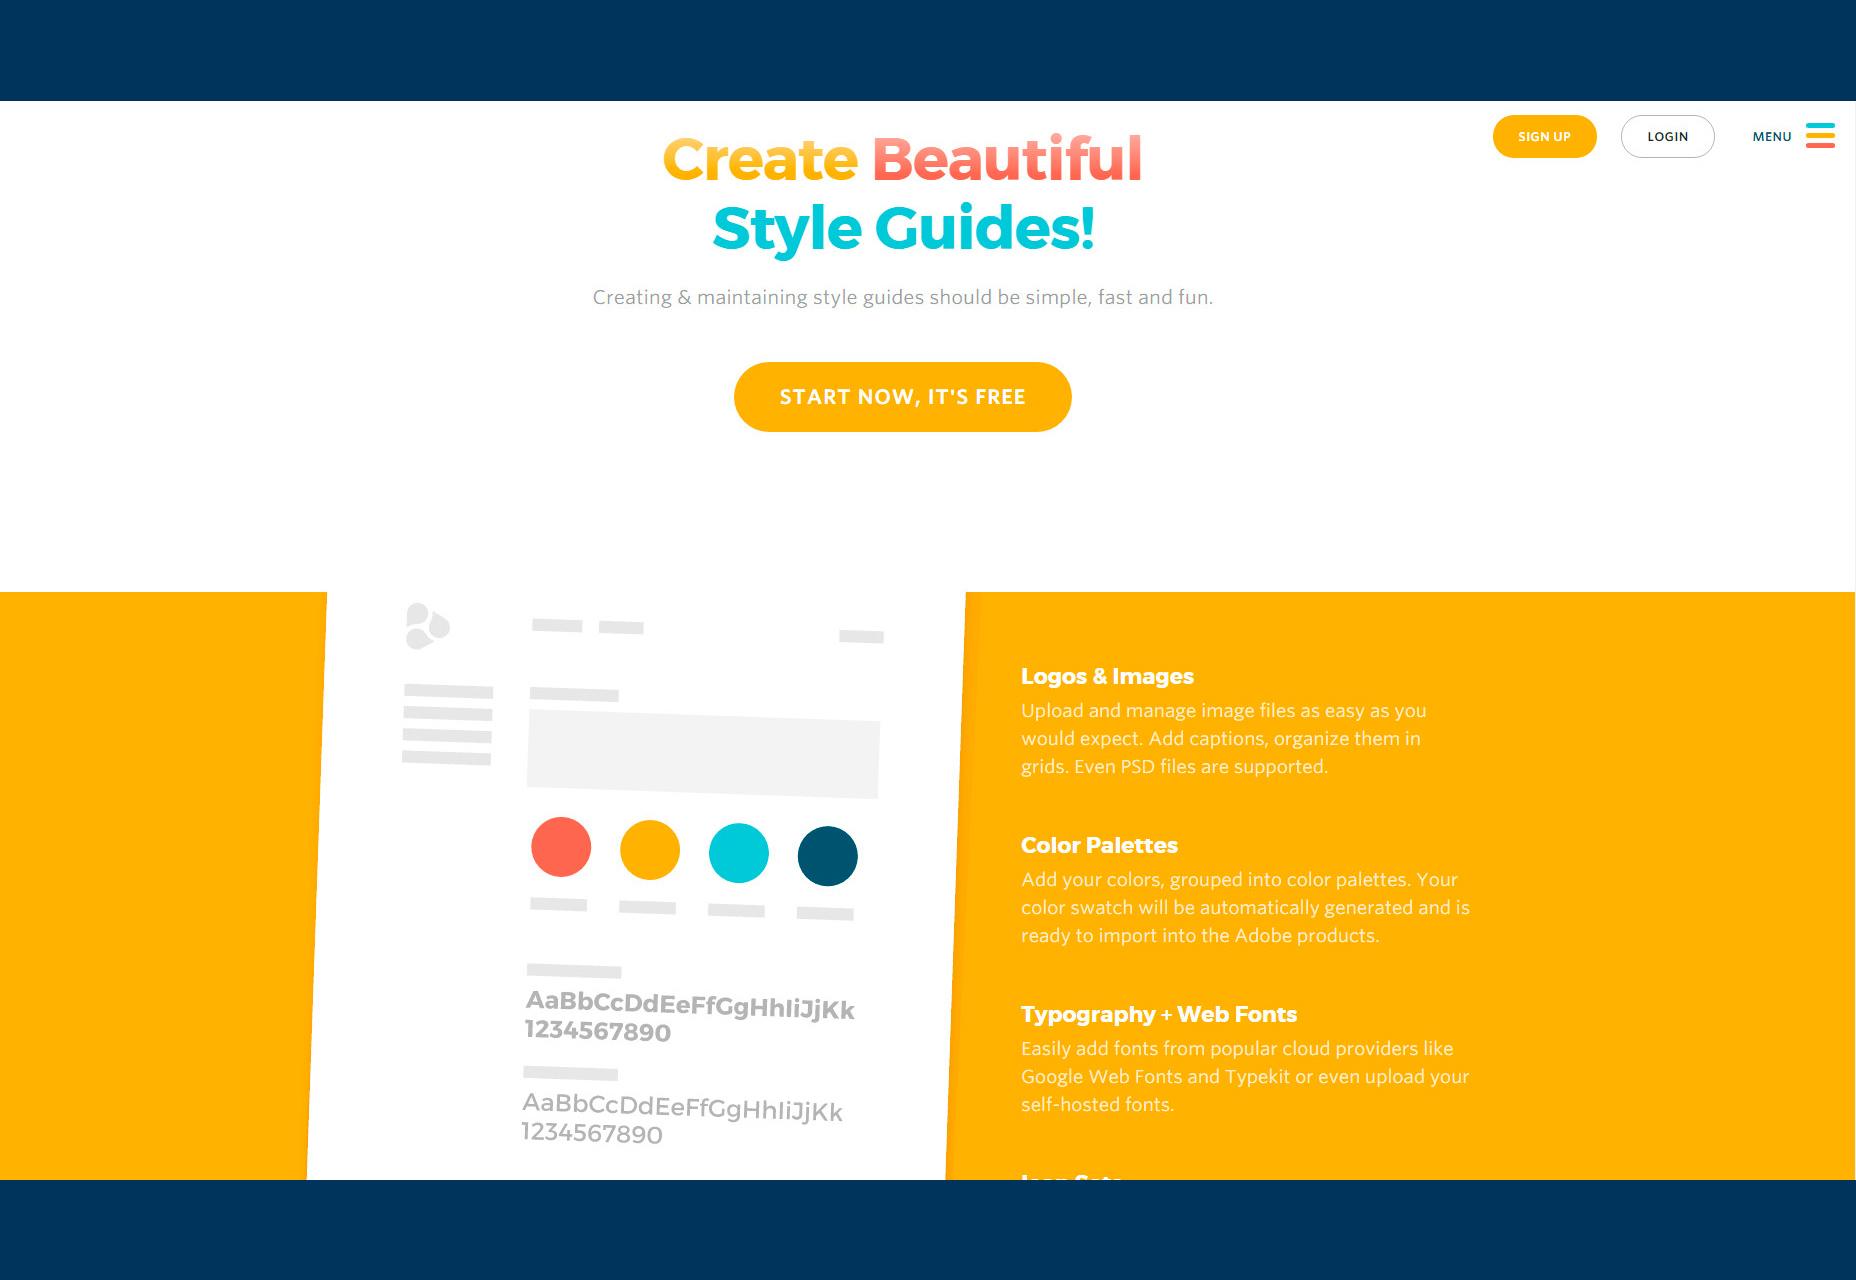 Frontify: Guías de estilo de marca y diseño